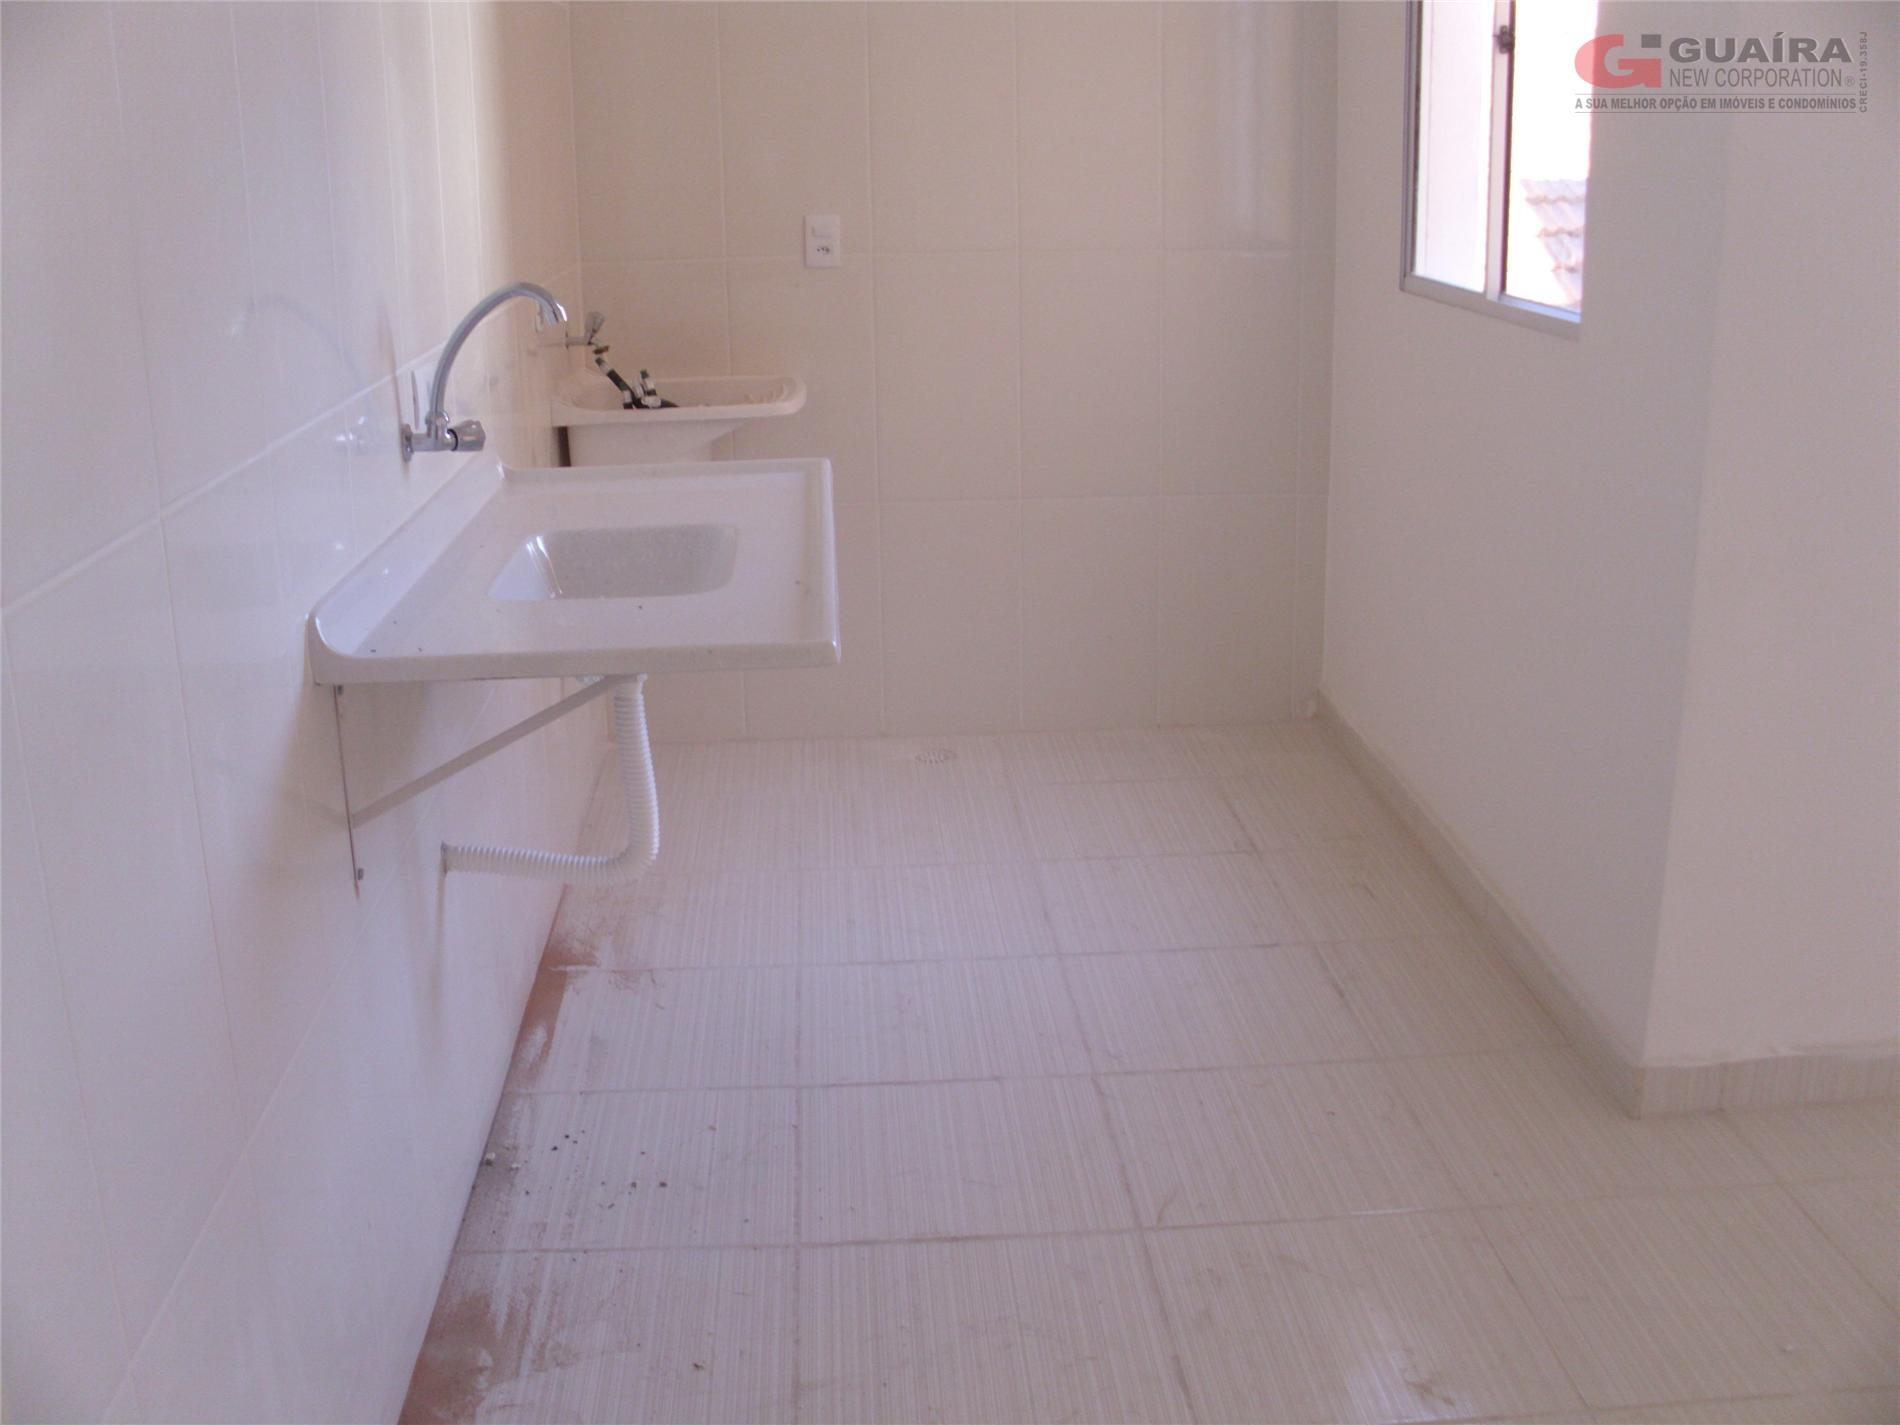 Cobertura de 2 dormitórios em Vila Humaitá, Santo André - SP